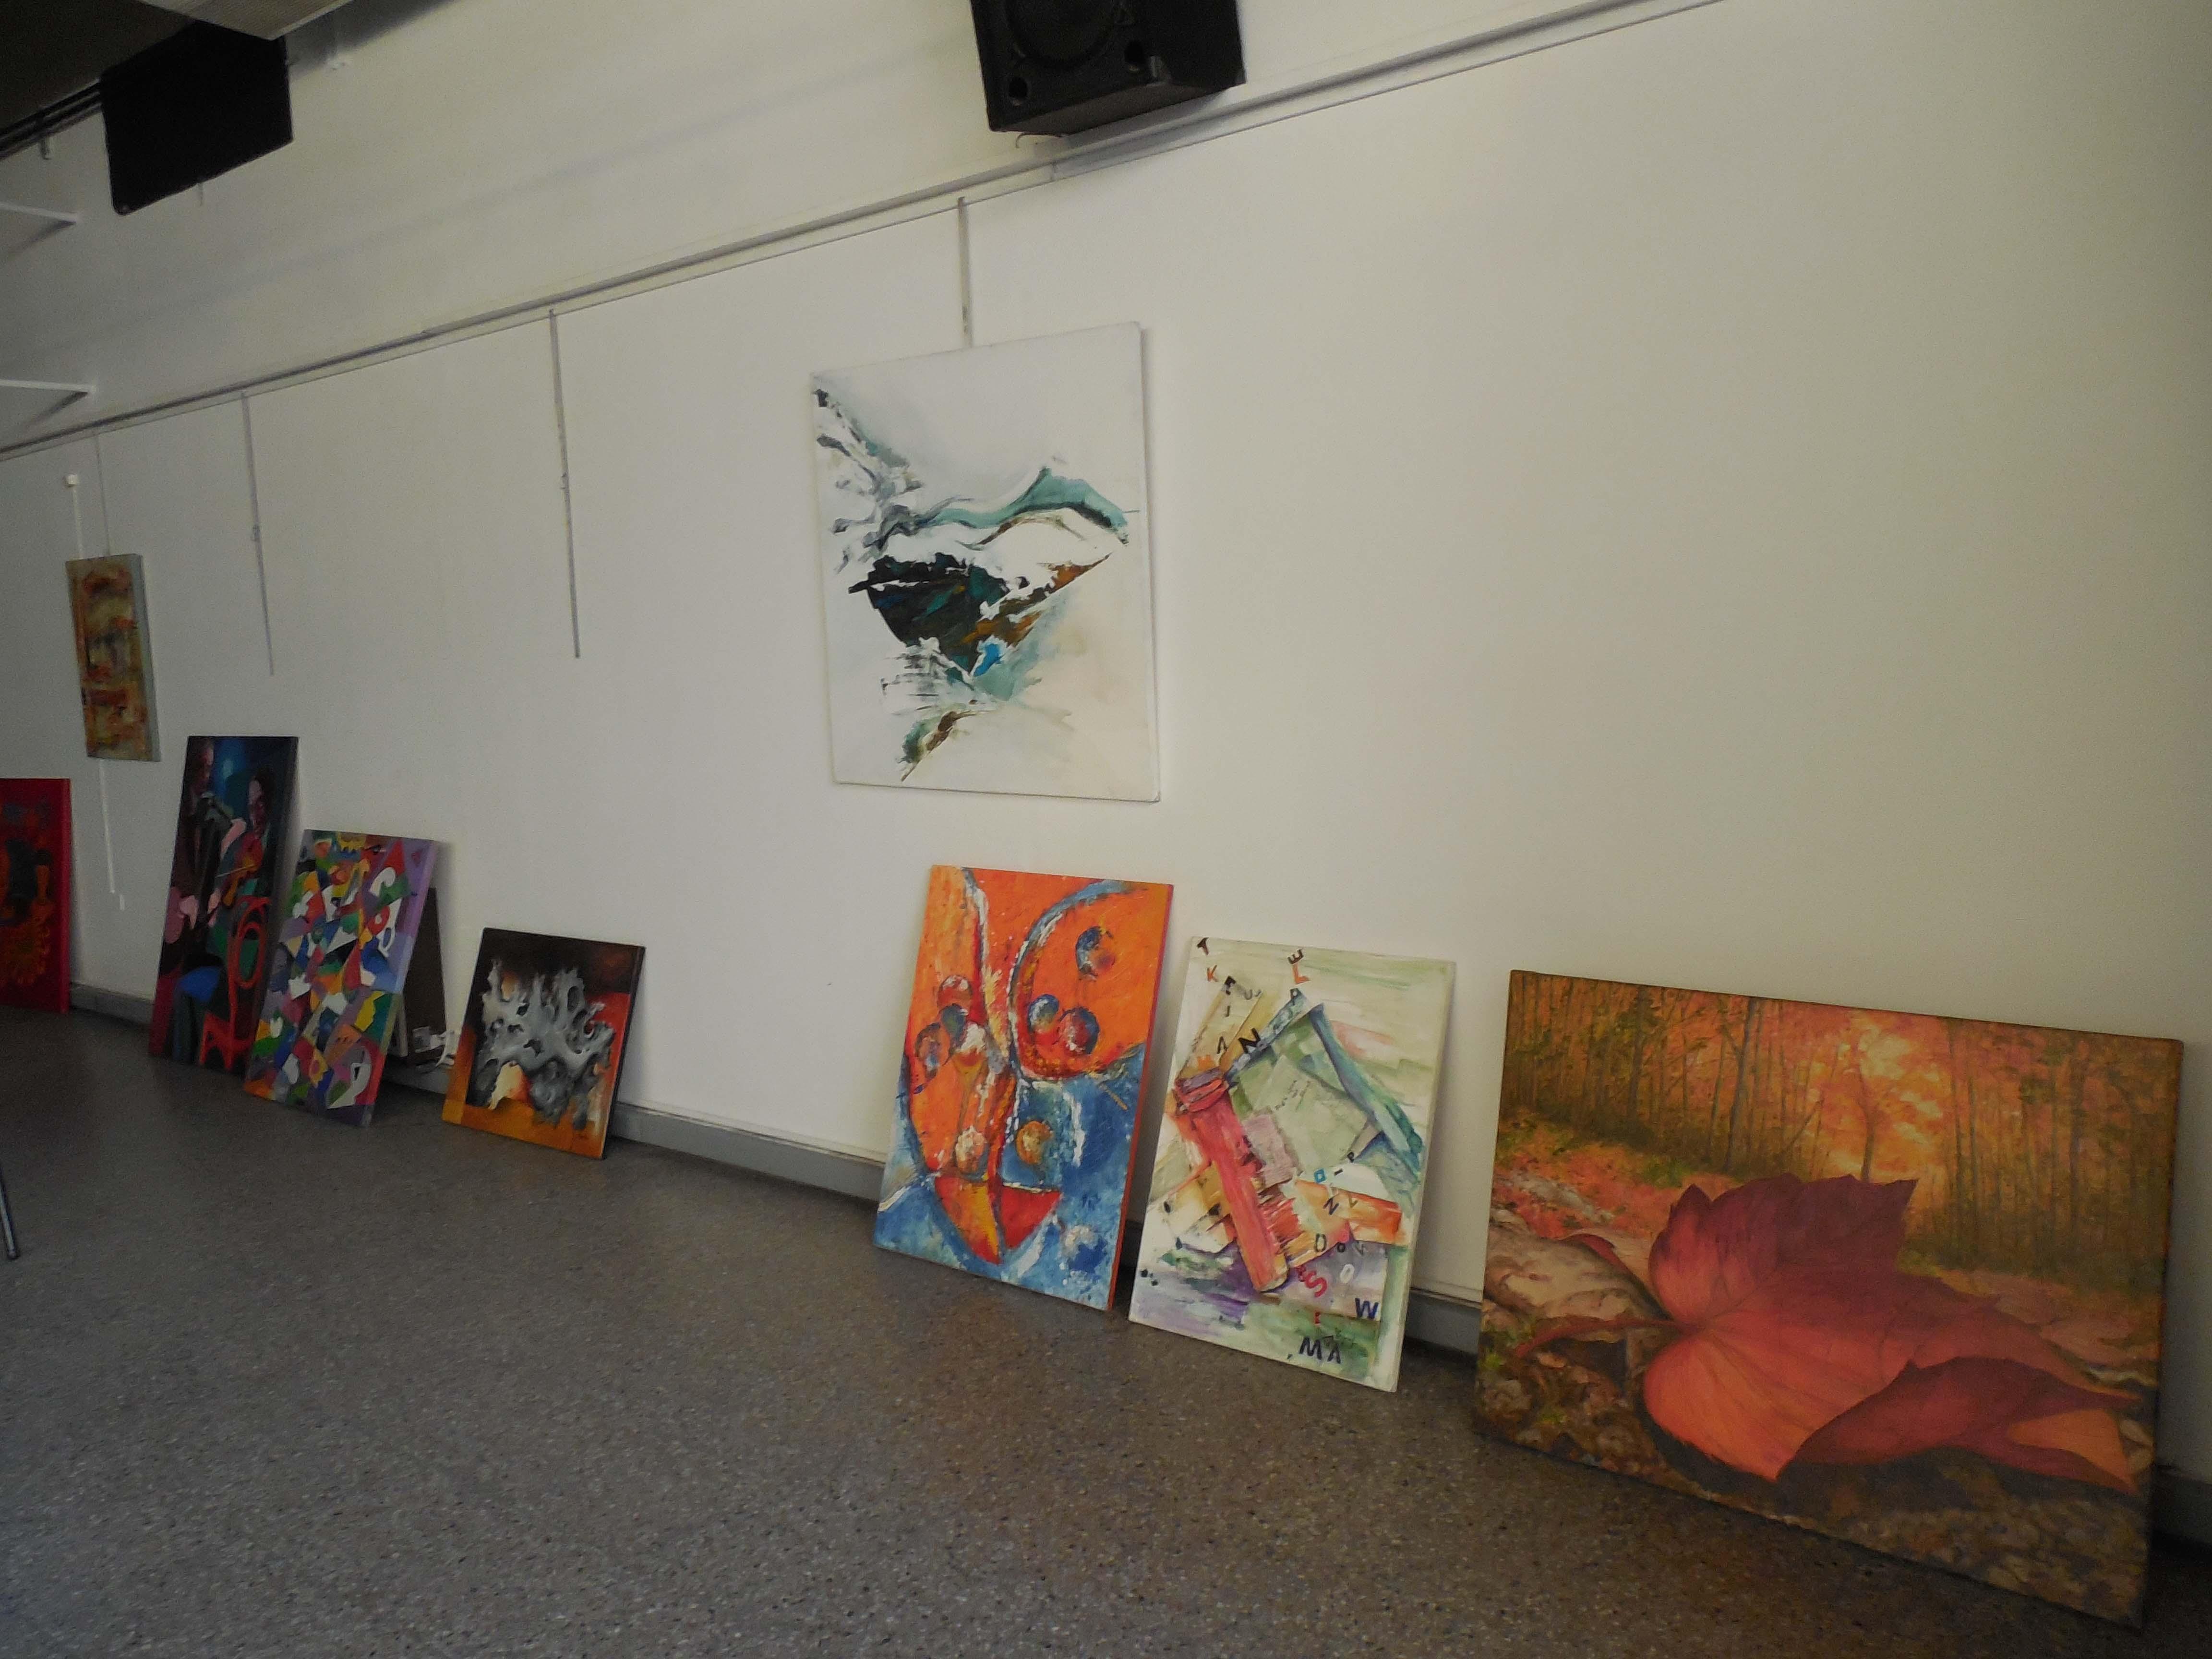 Sala - Sala de exibición de artes visuales en la Asociación Gente de Arte de Avellaneda